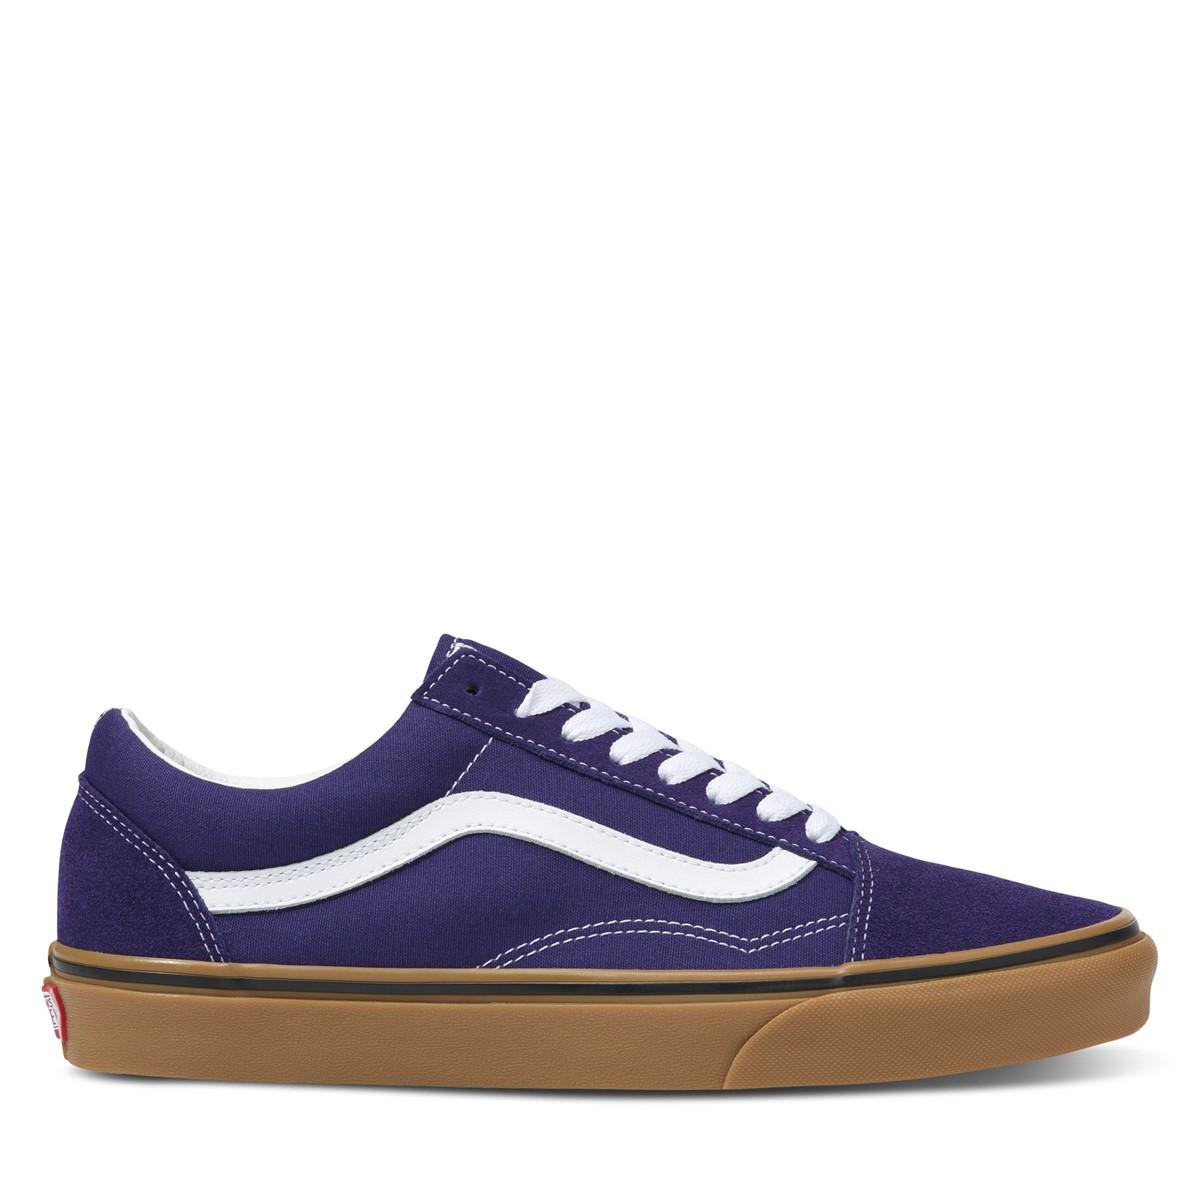 Gum Old Skool Sneakers in Navy/White